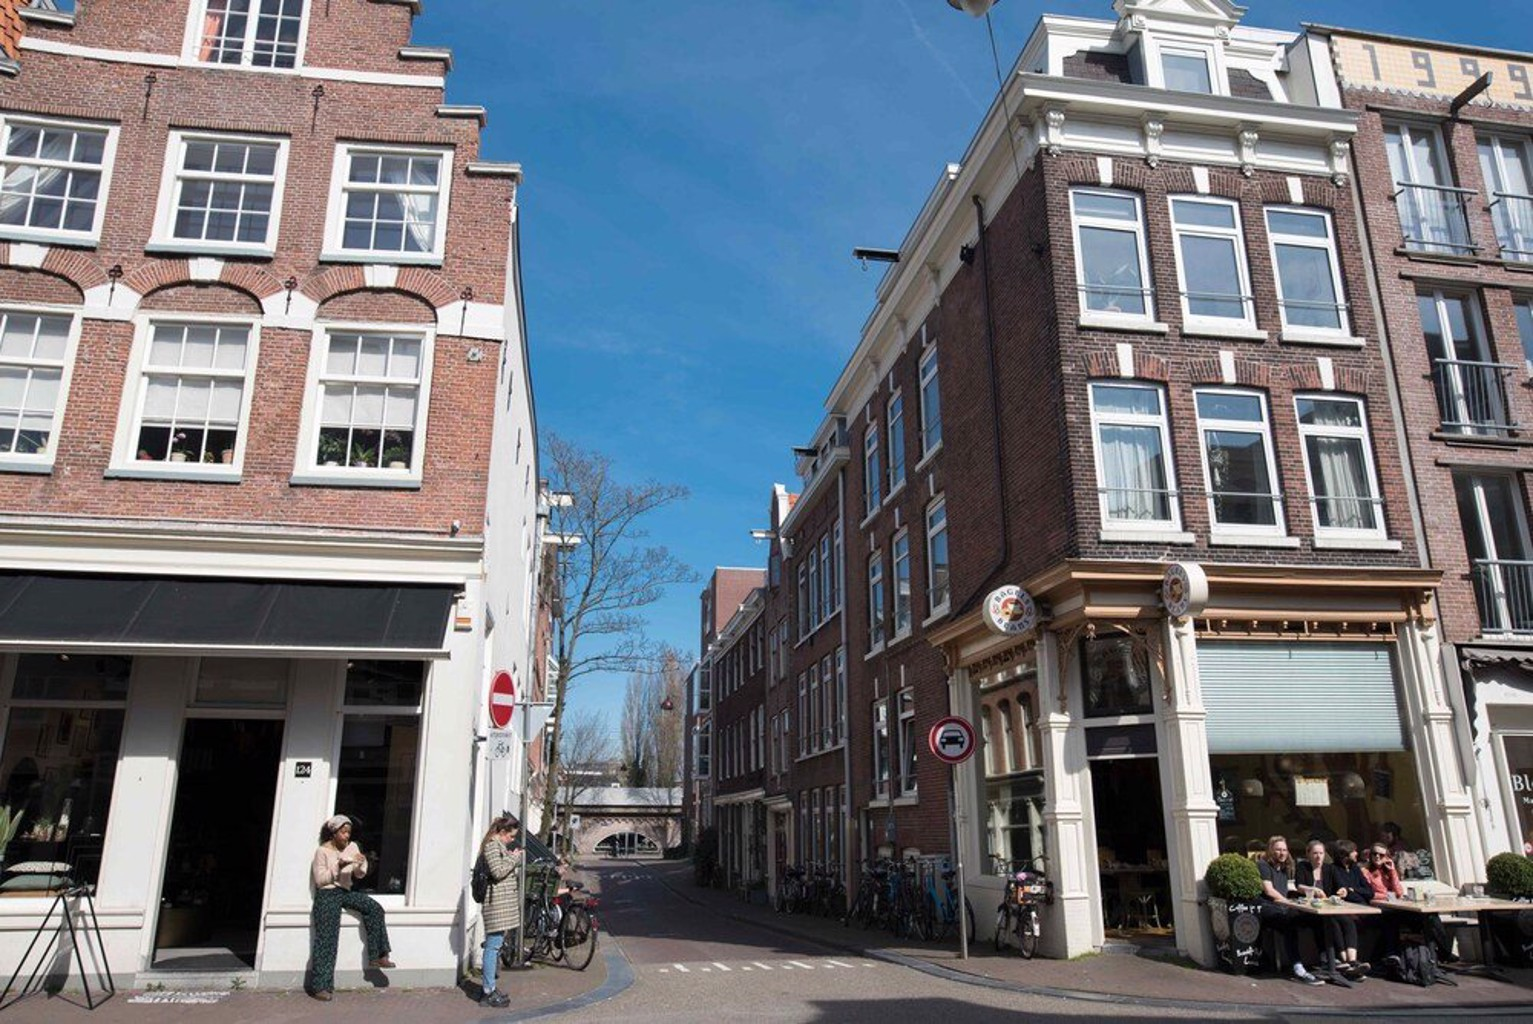 Jordaan apartments Noordermarkt area